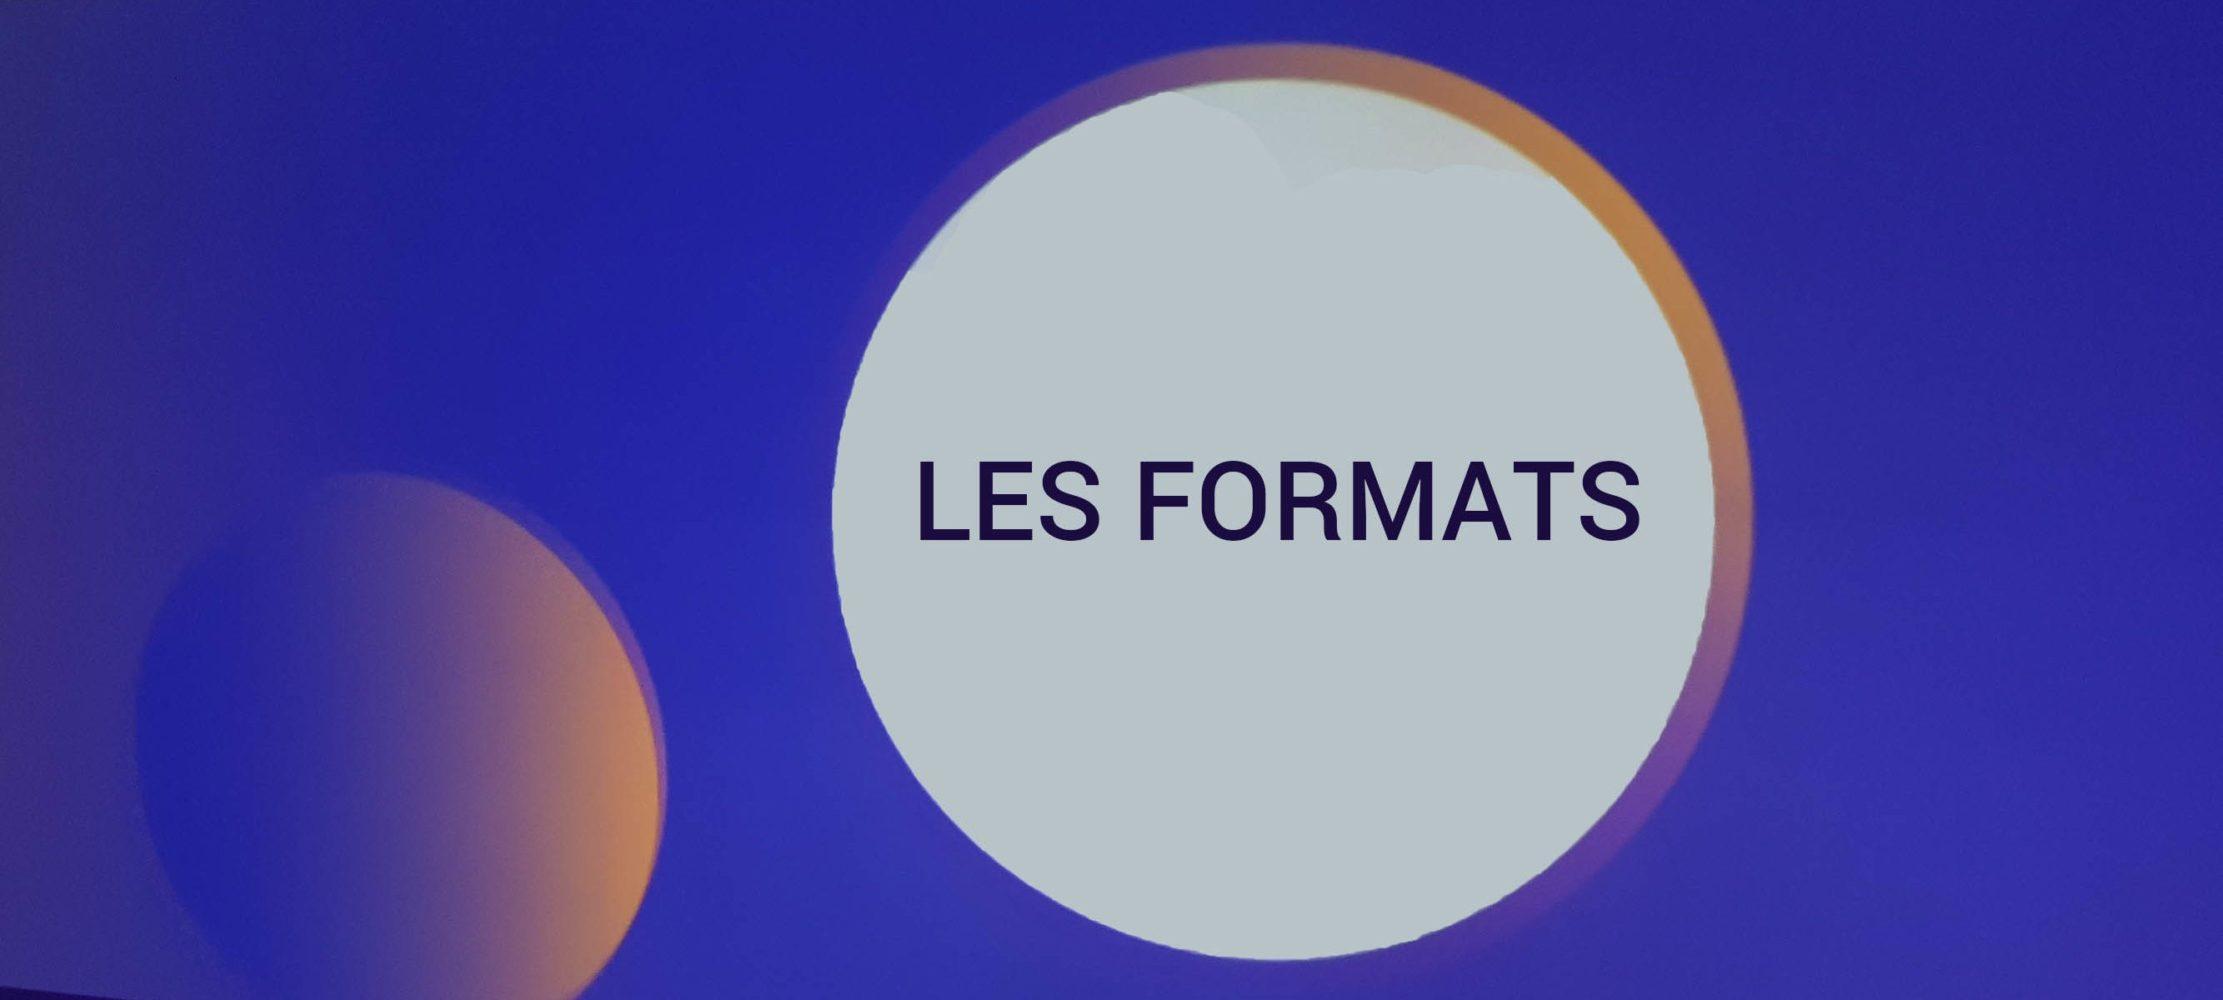 les formats droit propriété intellectuelle studio cigale